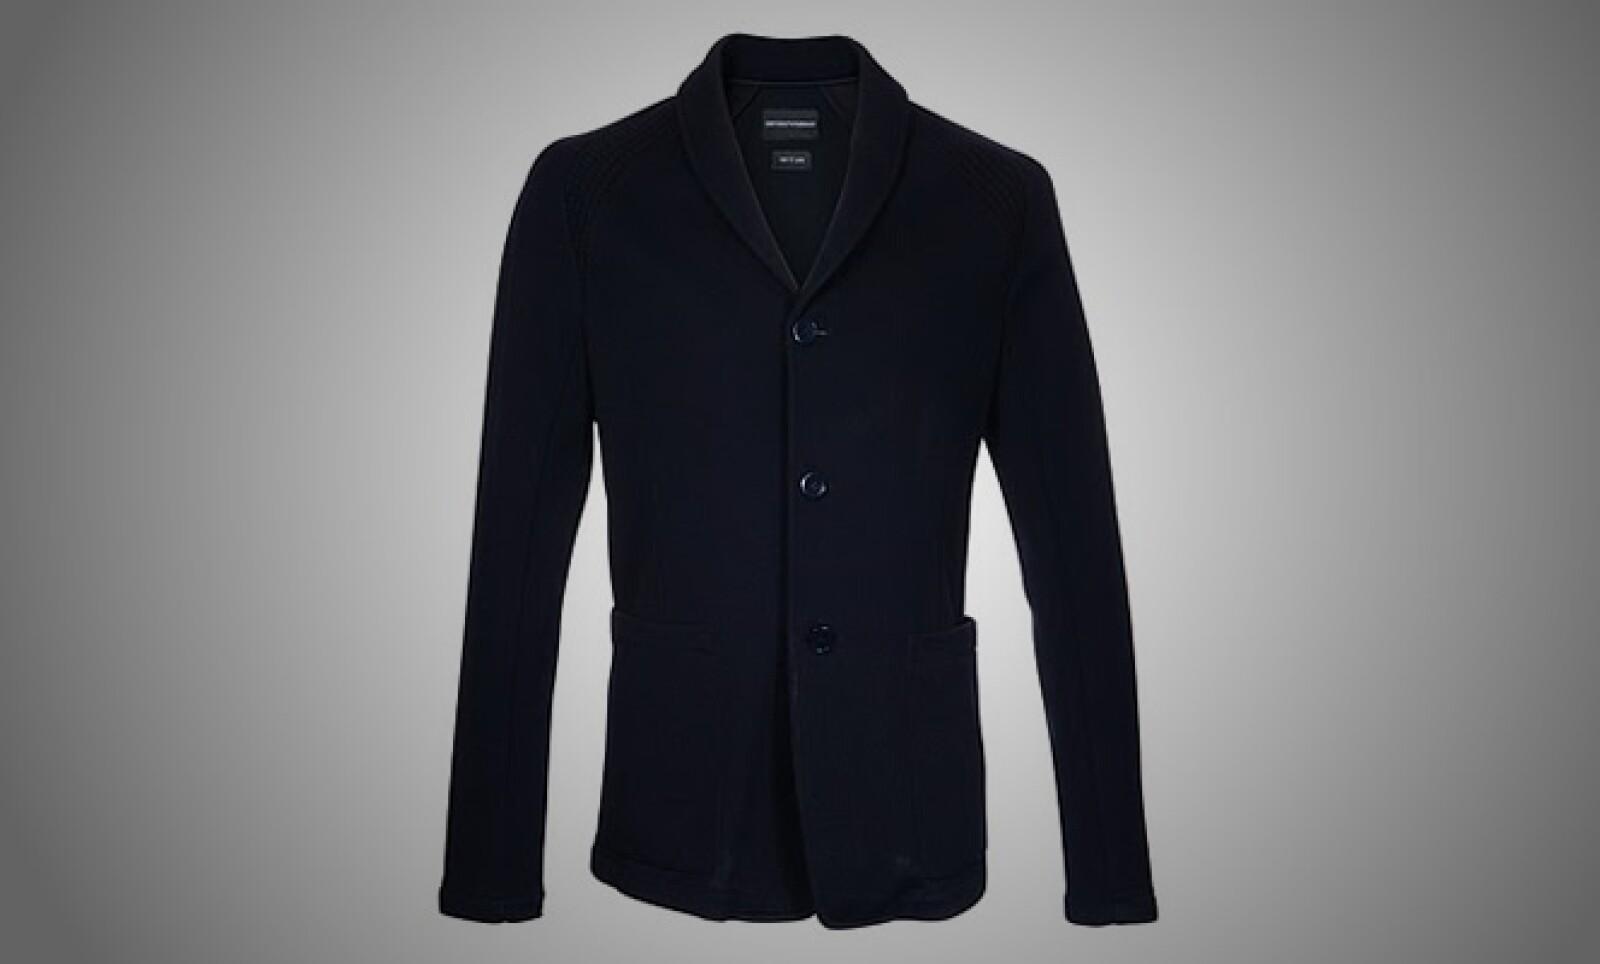 1.La marca italiana de diseño presentó su colección otoño-invierno, basada en colores lisos y fríos, como el negro, azul y café oscuro.